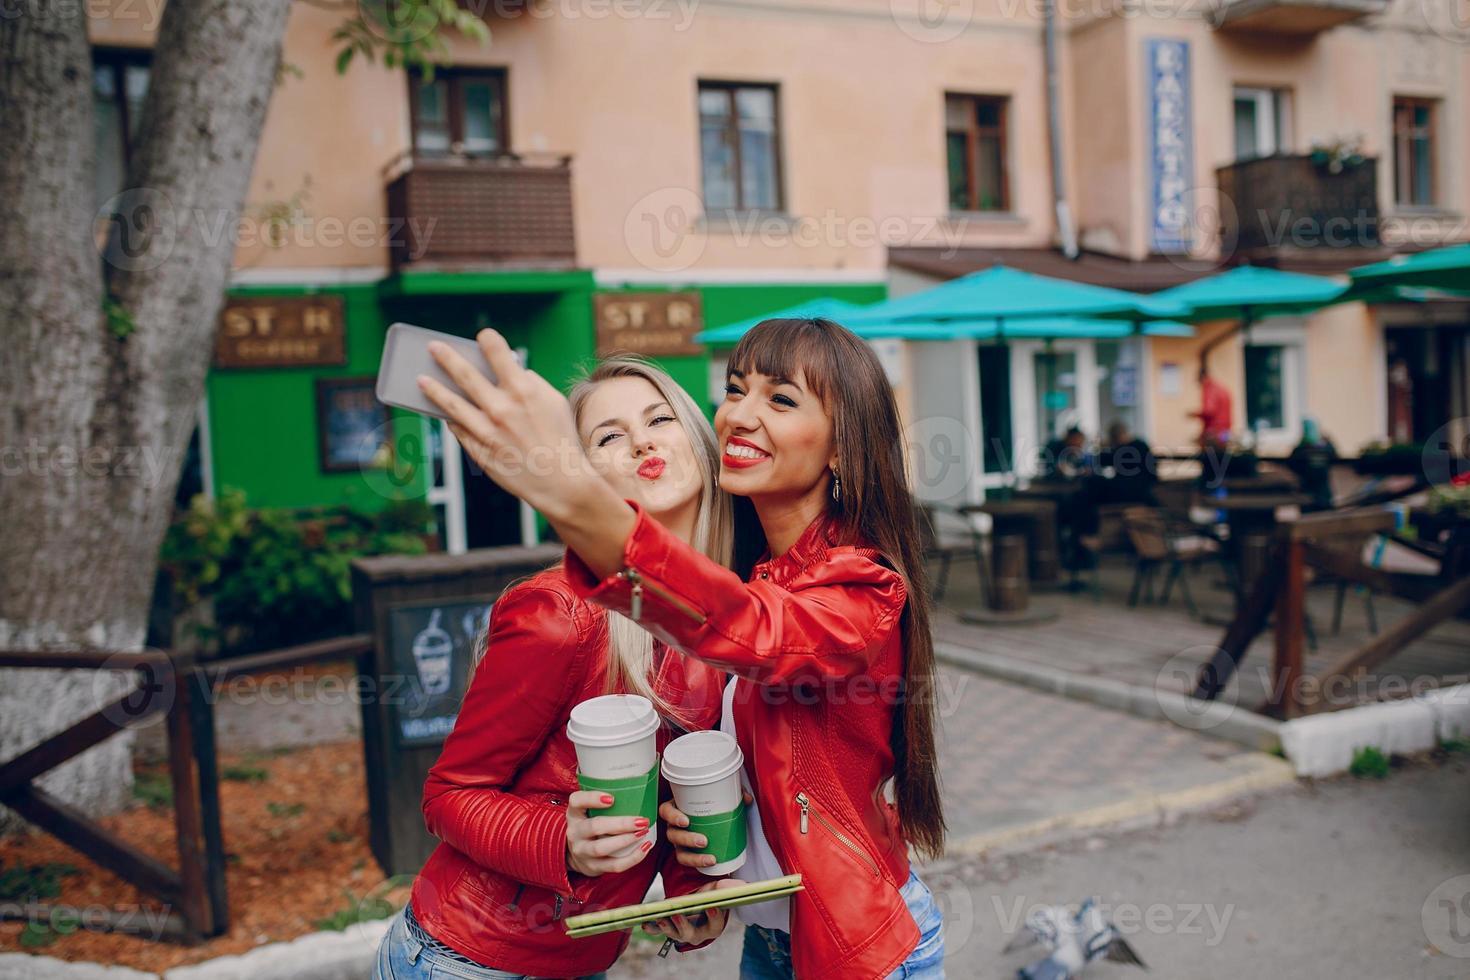 chicas con telefono foto